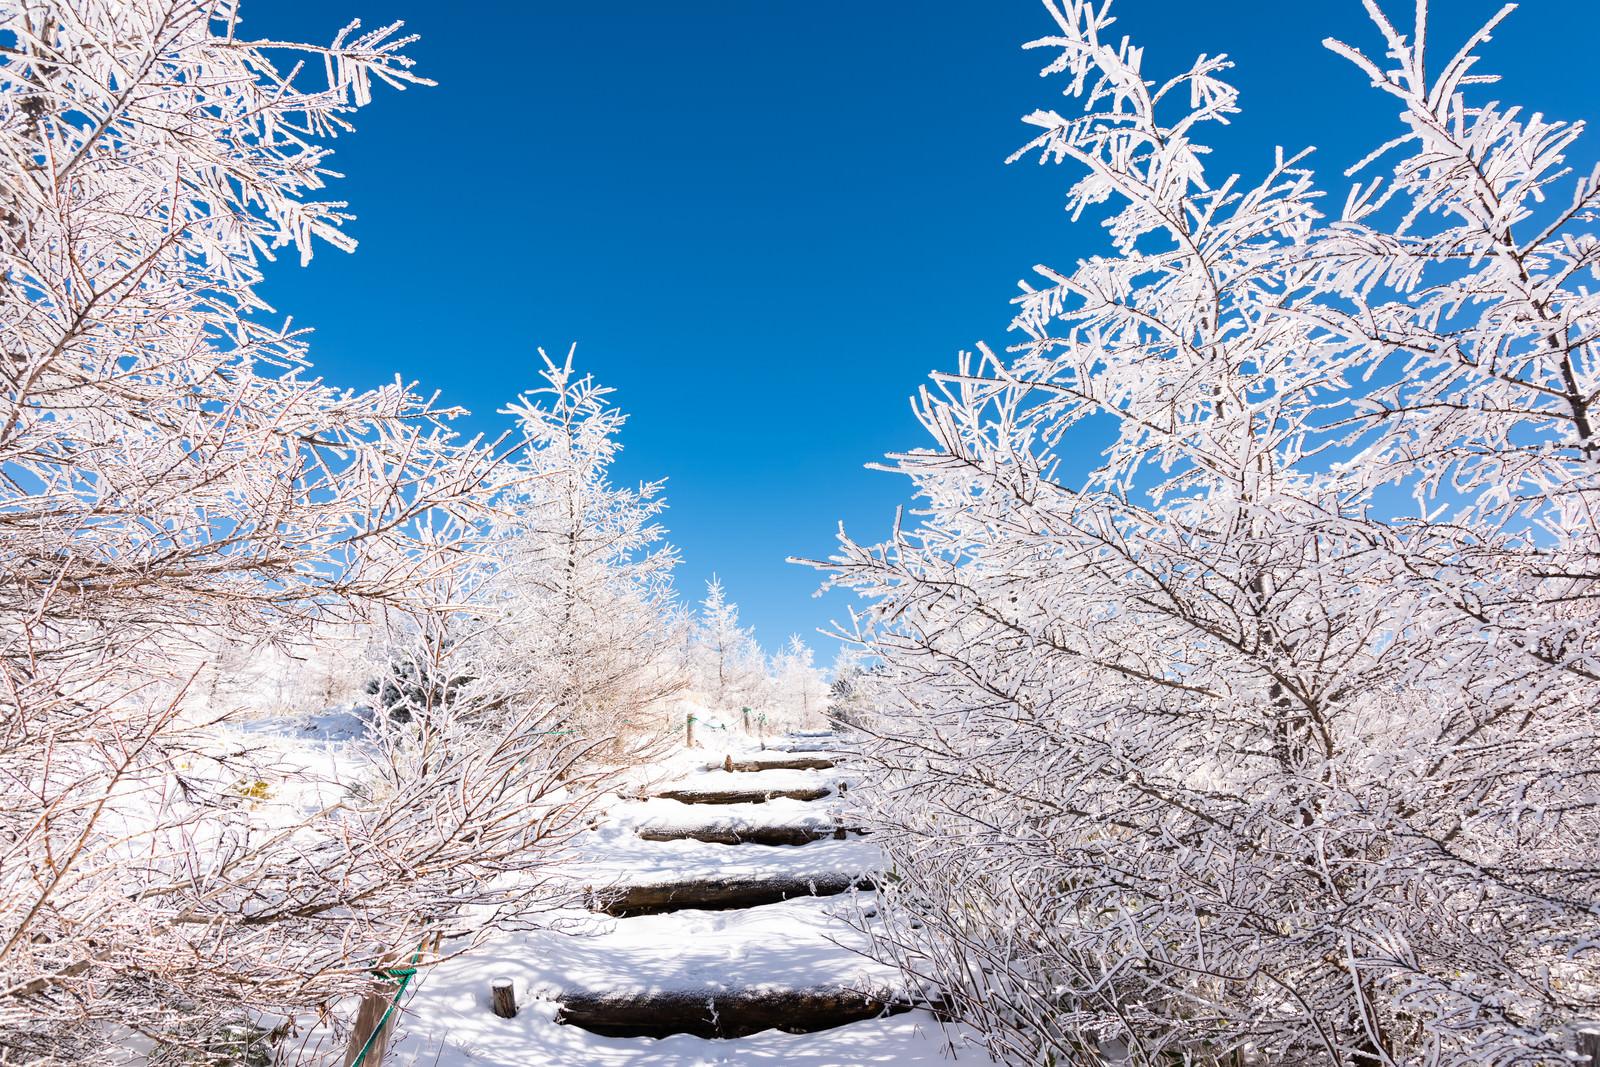 「美ヶ原牛伏山の樹氷に囲まれた登山道」の写真